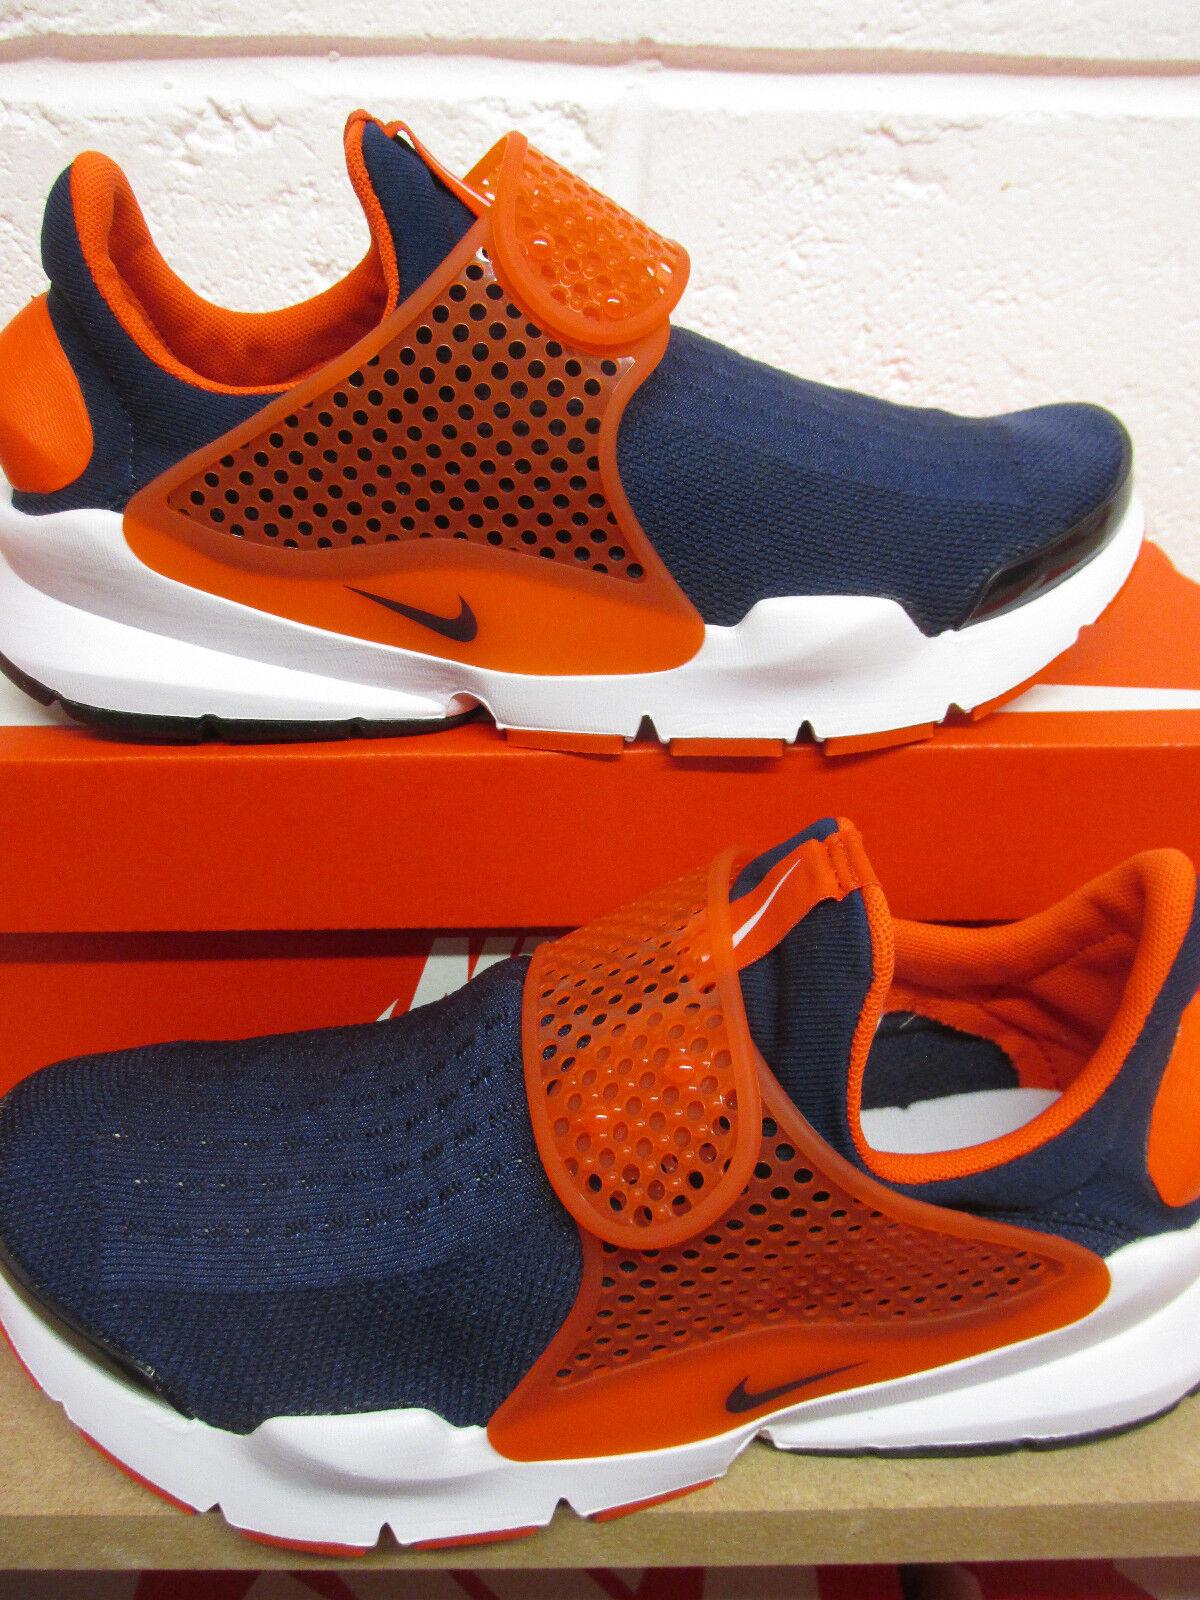 Nike Chaussette Fléchette Chaussure Chaussure Chaussure de Course pour Homme 819686 402 Baskets b09294